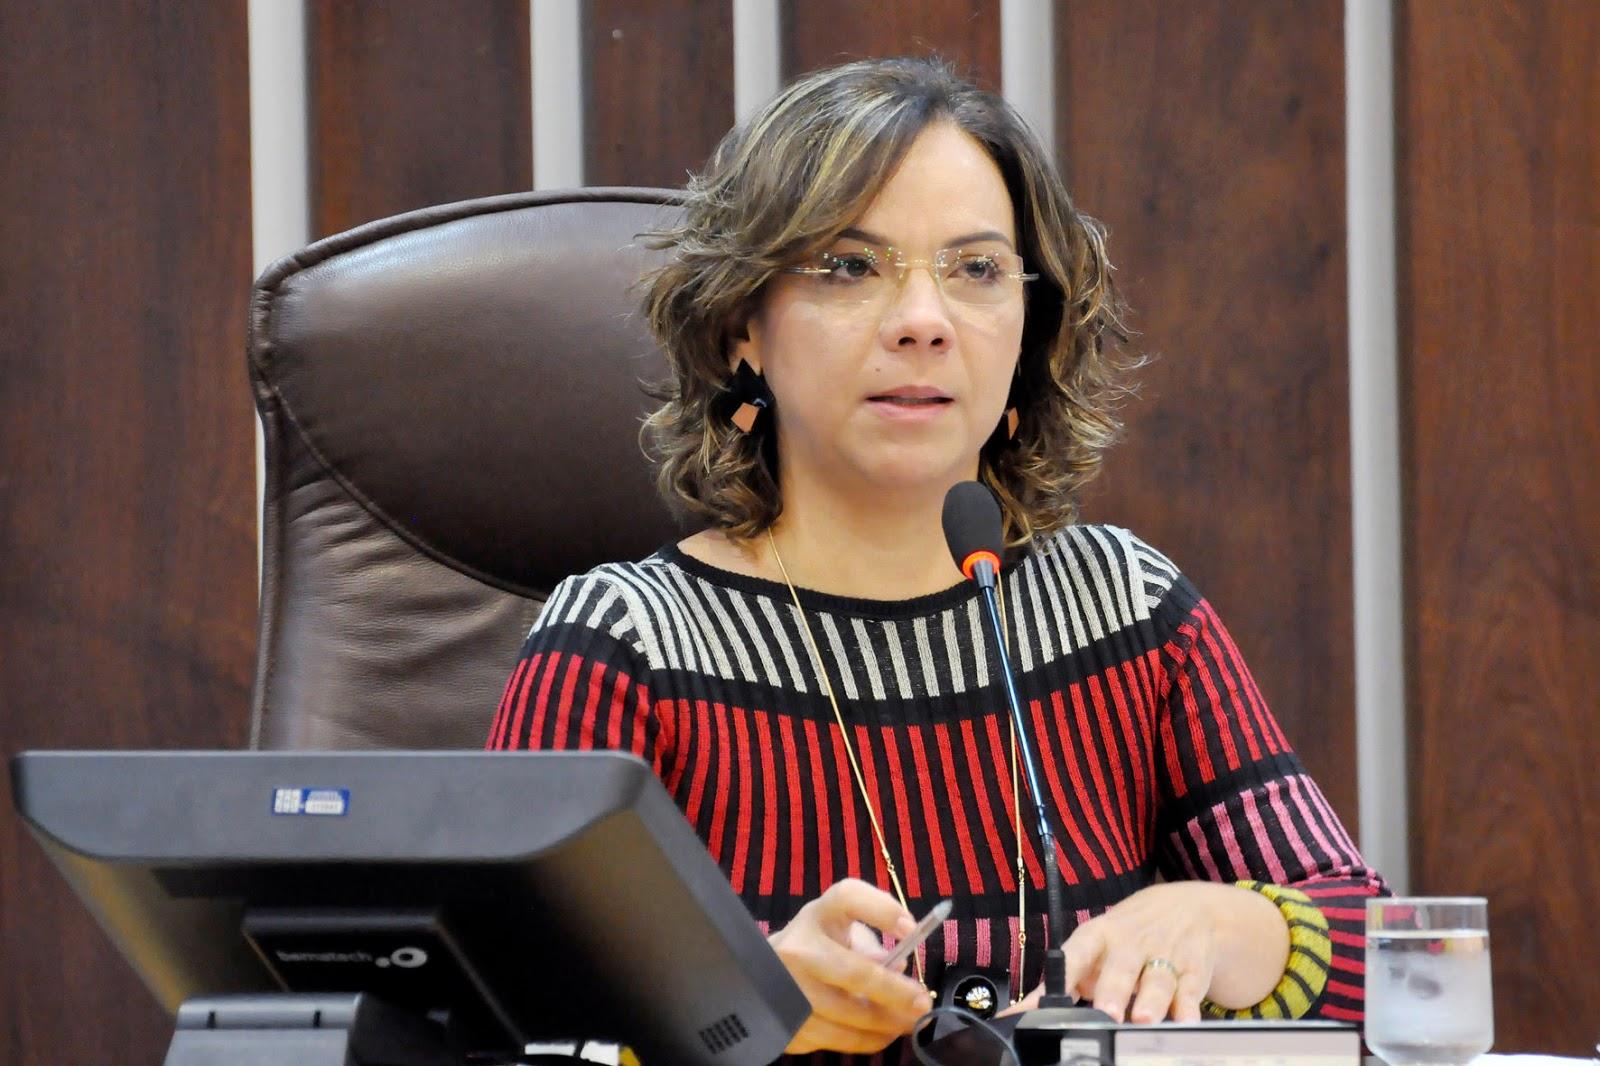 Lei de autoria de Larissa Rosado determina recursos para tratamento de  #A92223 1600 1066